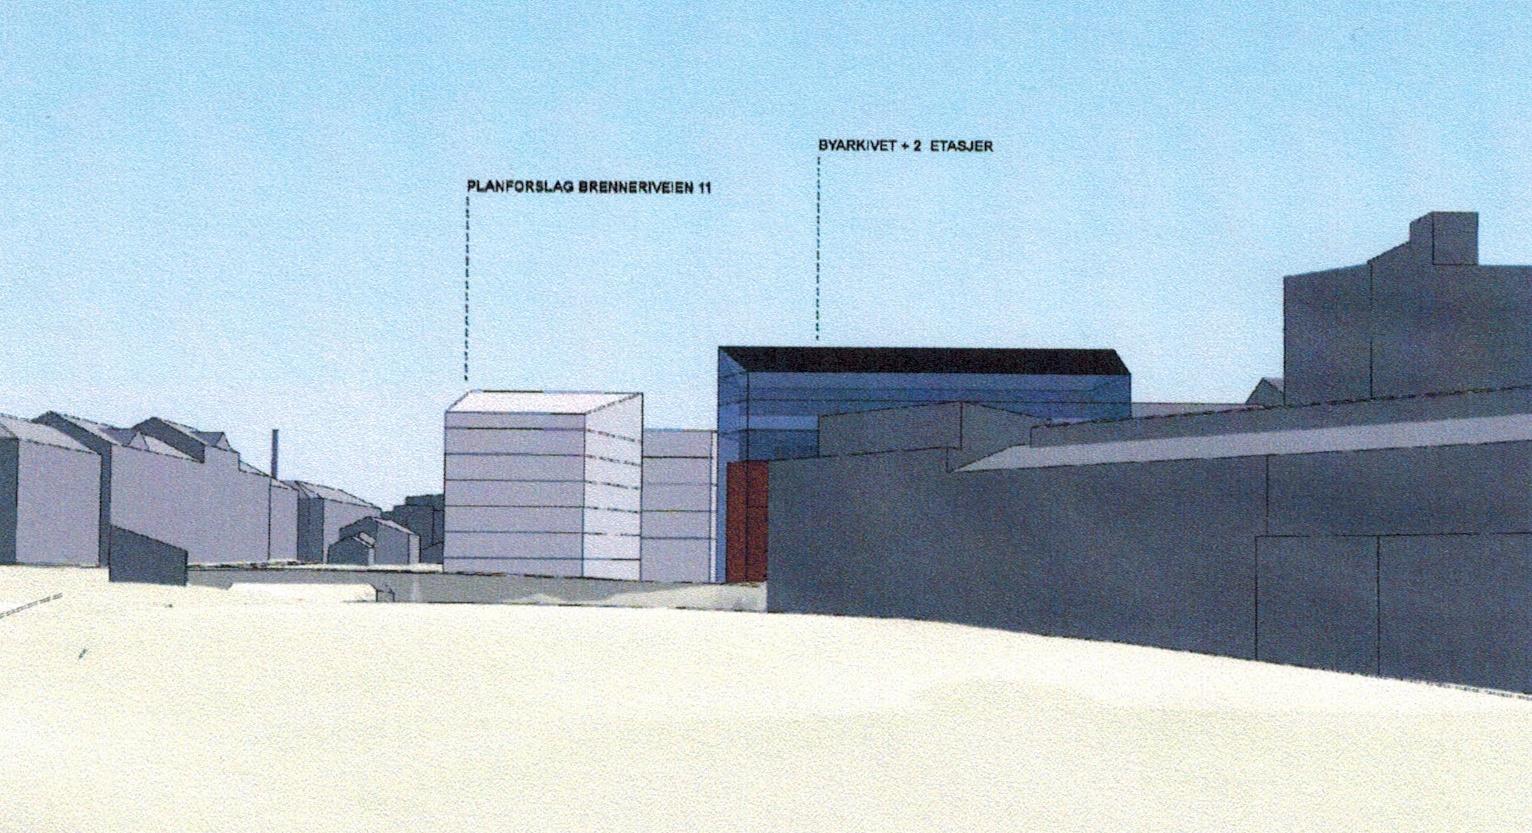 Maridalsveien 3 - Påbygg Byarkivet